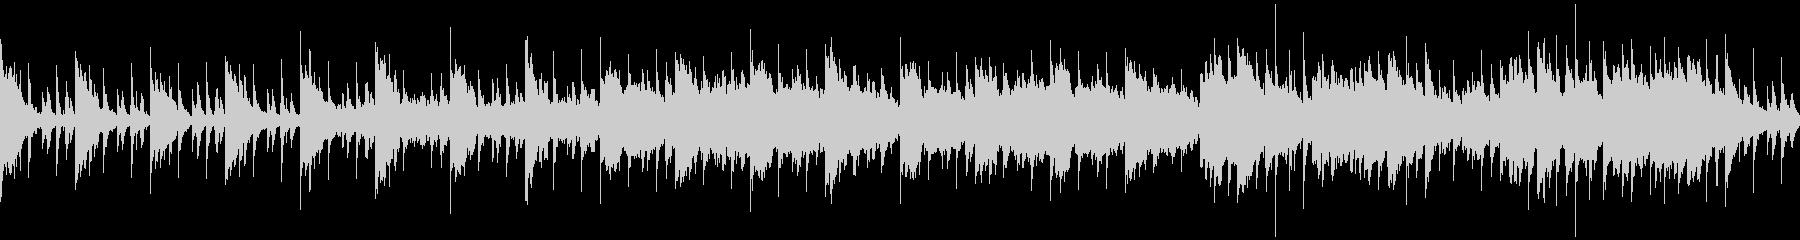 ファンタジー村48khz24bit版の未再生の波形